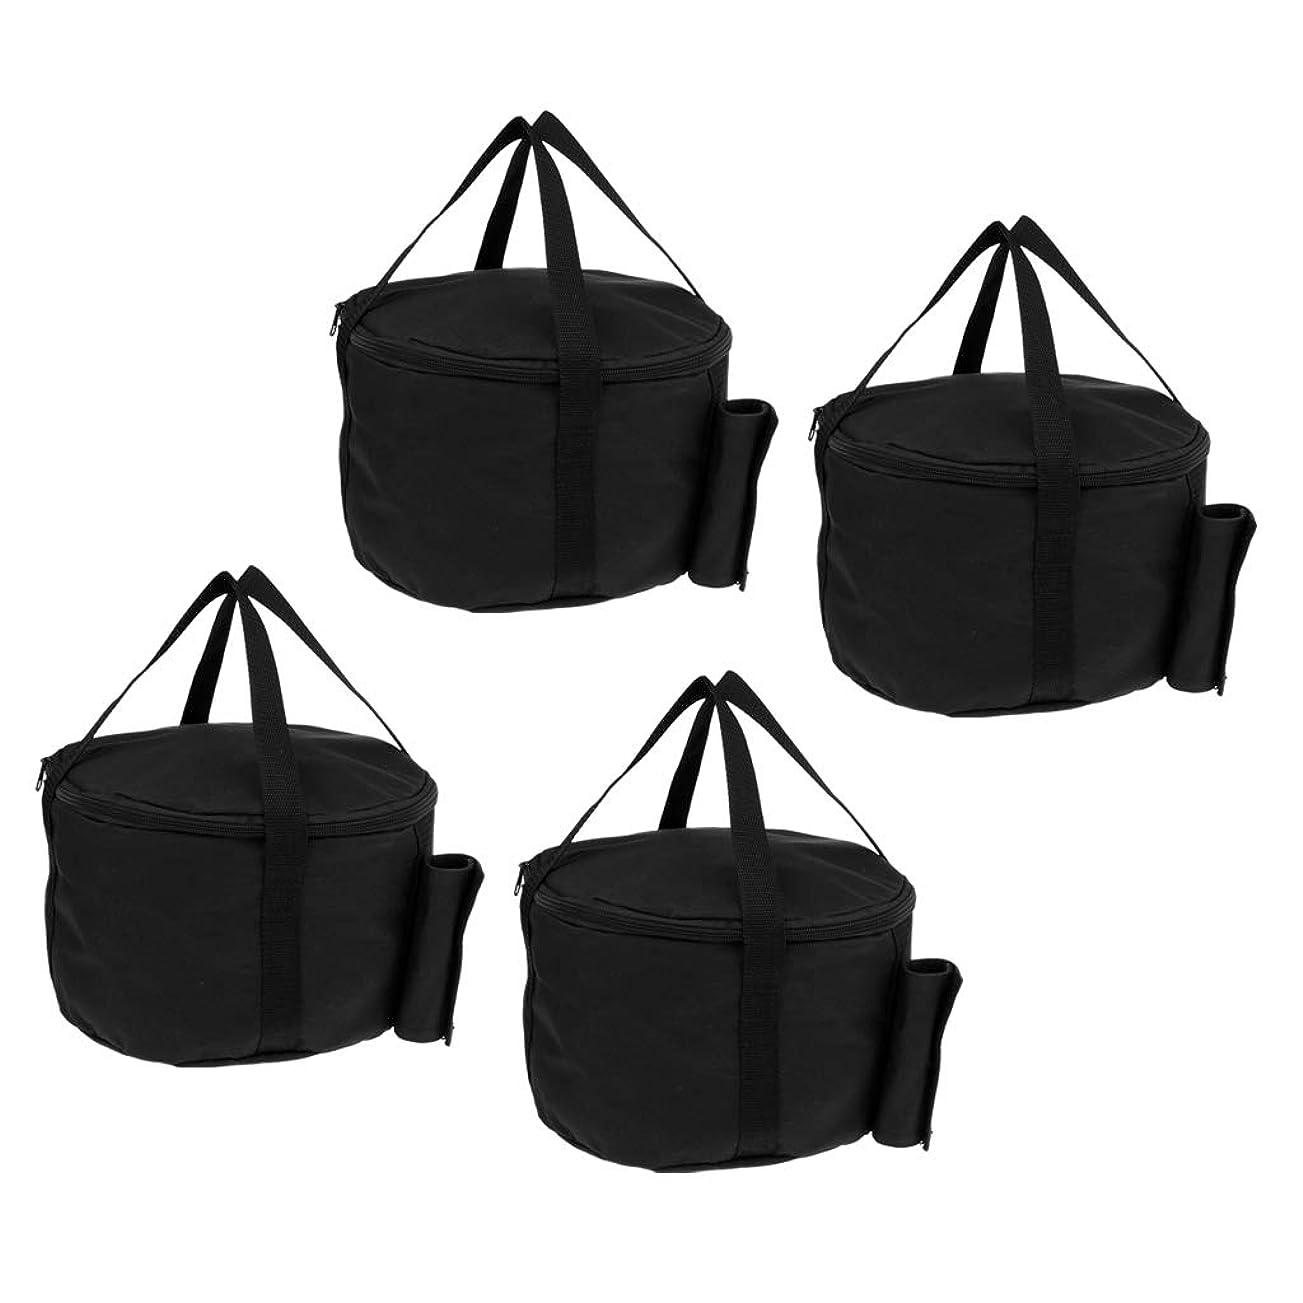 アグネスグレイビルダーパブPerfeclan 4個 キャノピーテント 傘ベース サンドバッグ ウェイトバッグ おもり 砂袋 アウトドア キャンプ